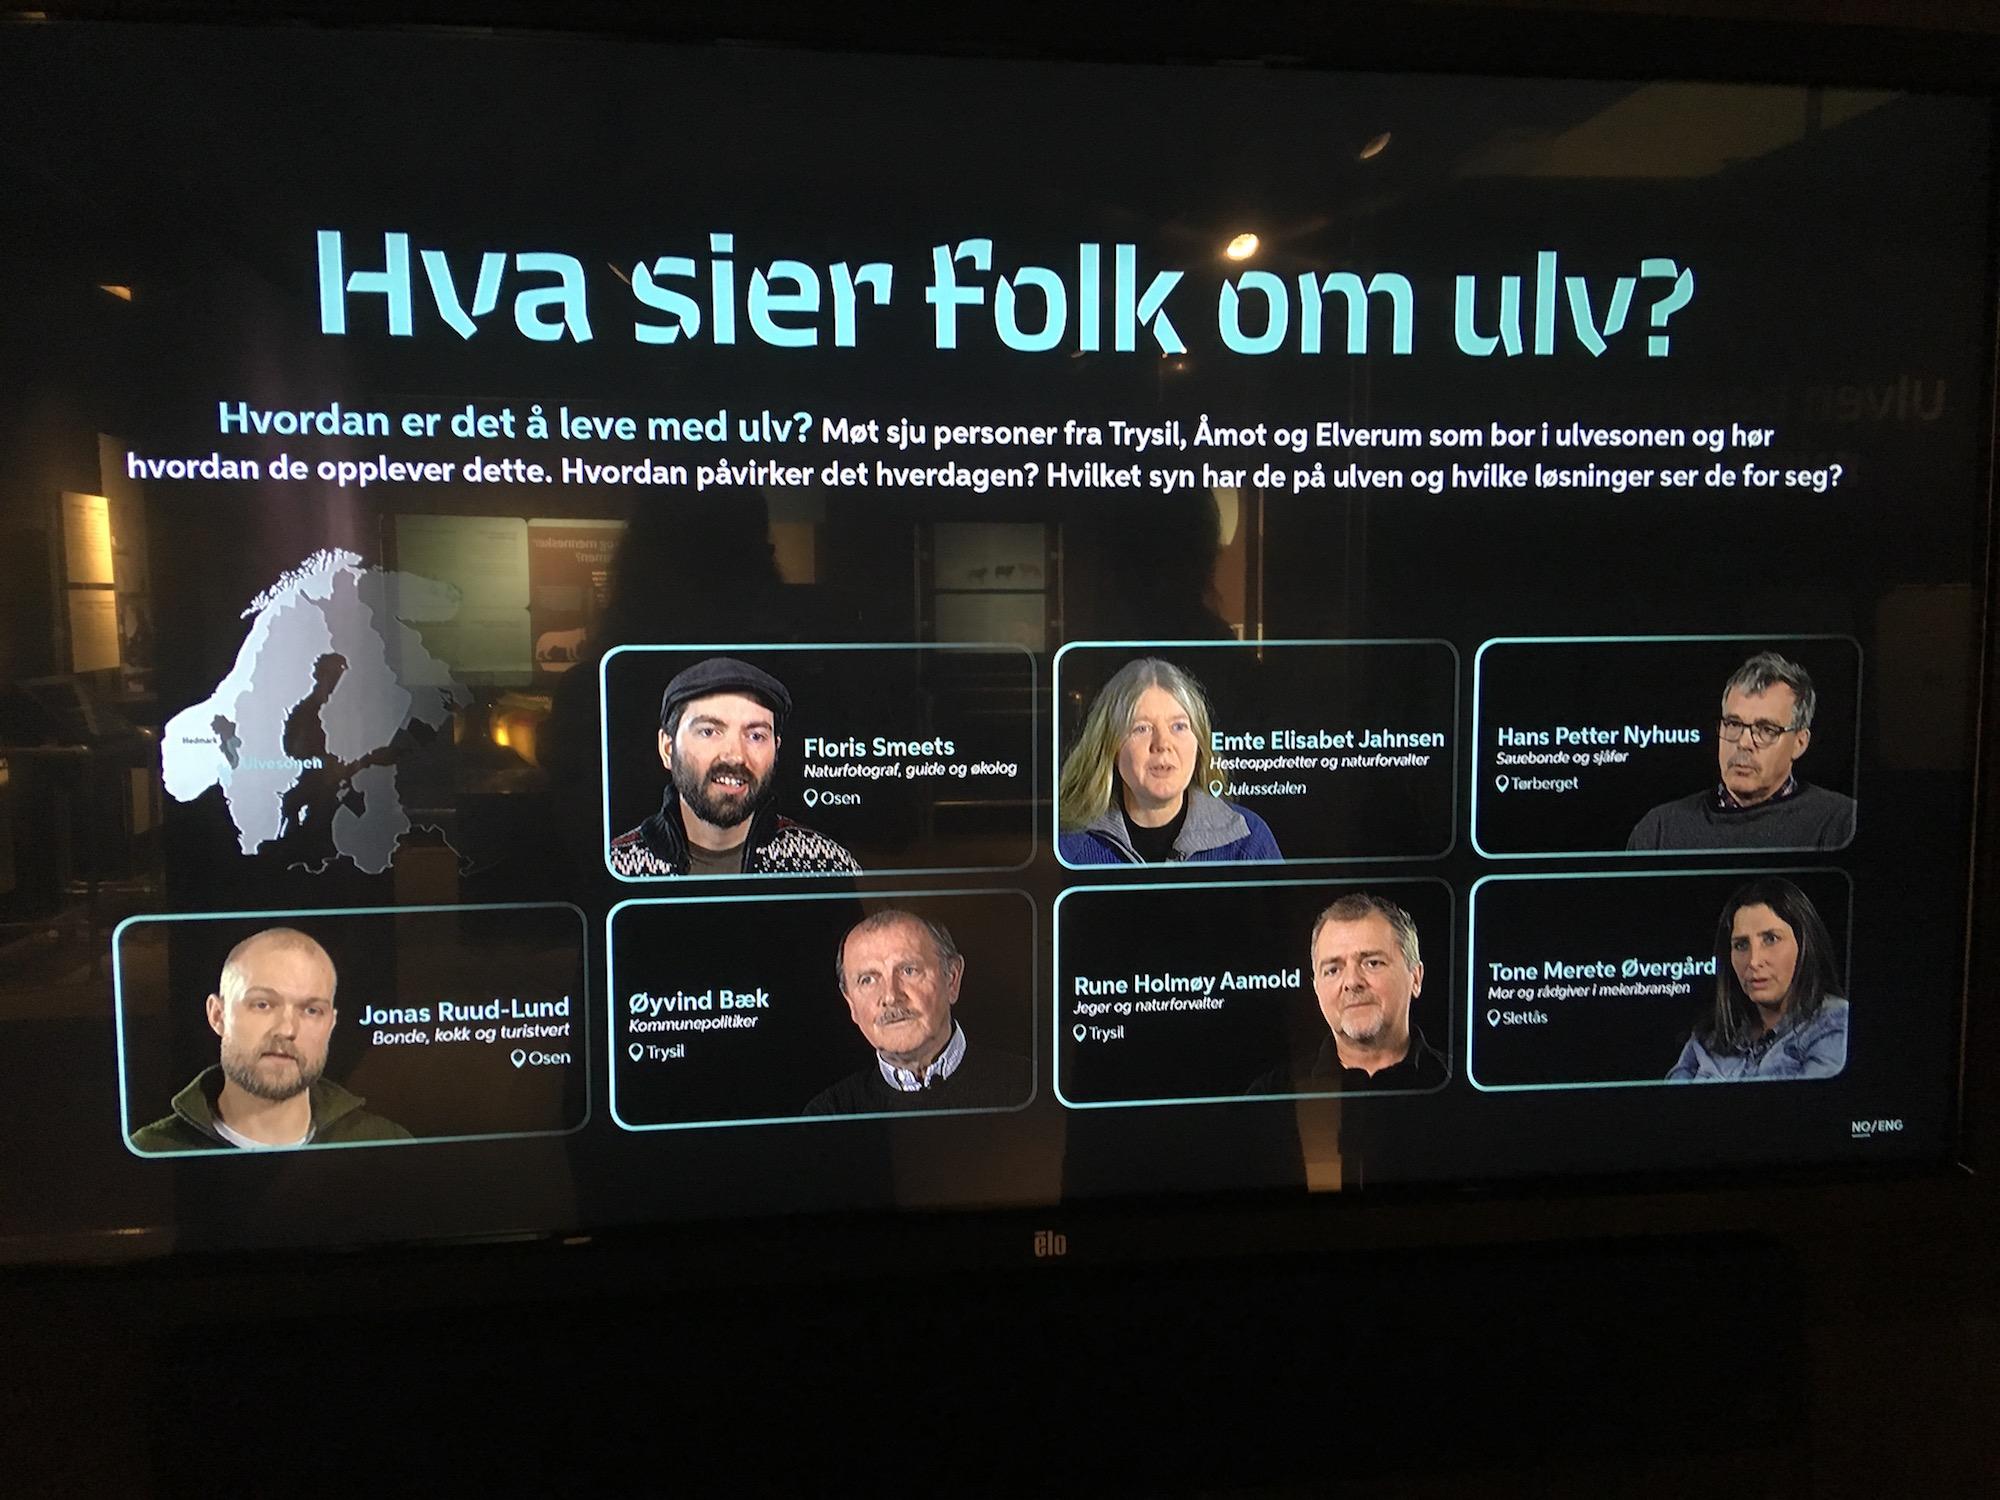 FOLK: Hva sier folk om ulv? Foto: Elise Lund